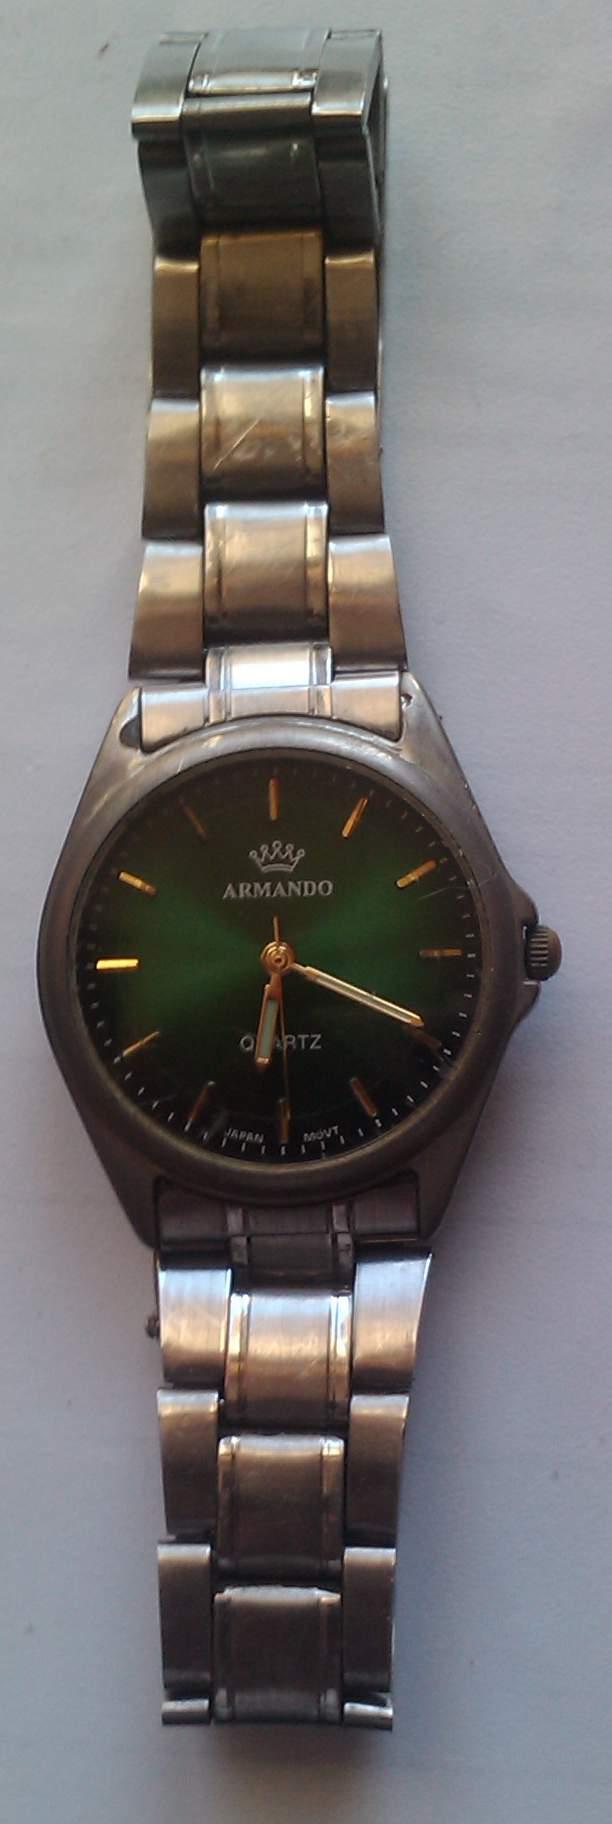 Zegarek męski, japoński ARMANDO, metalowy, QUARTZ.